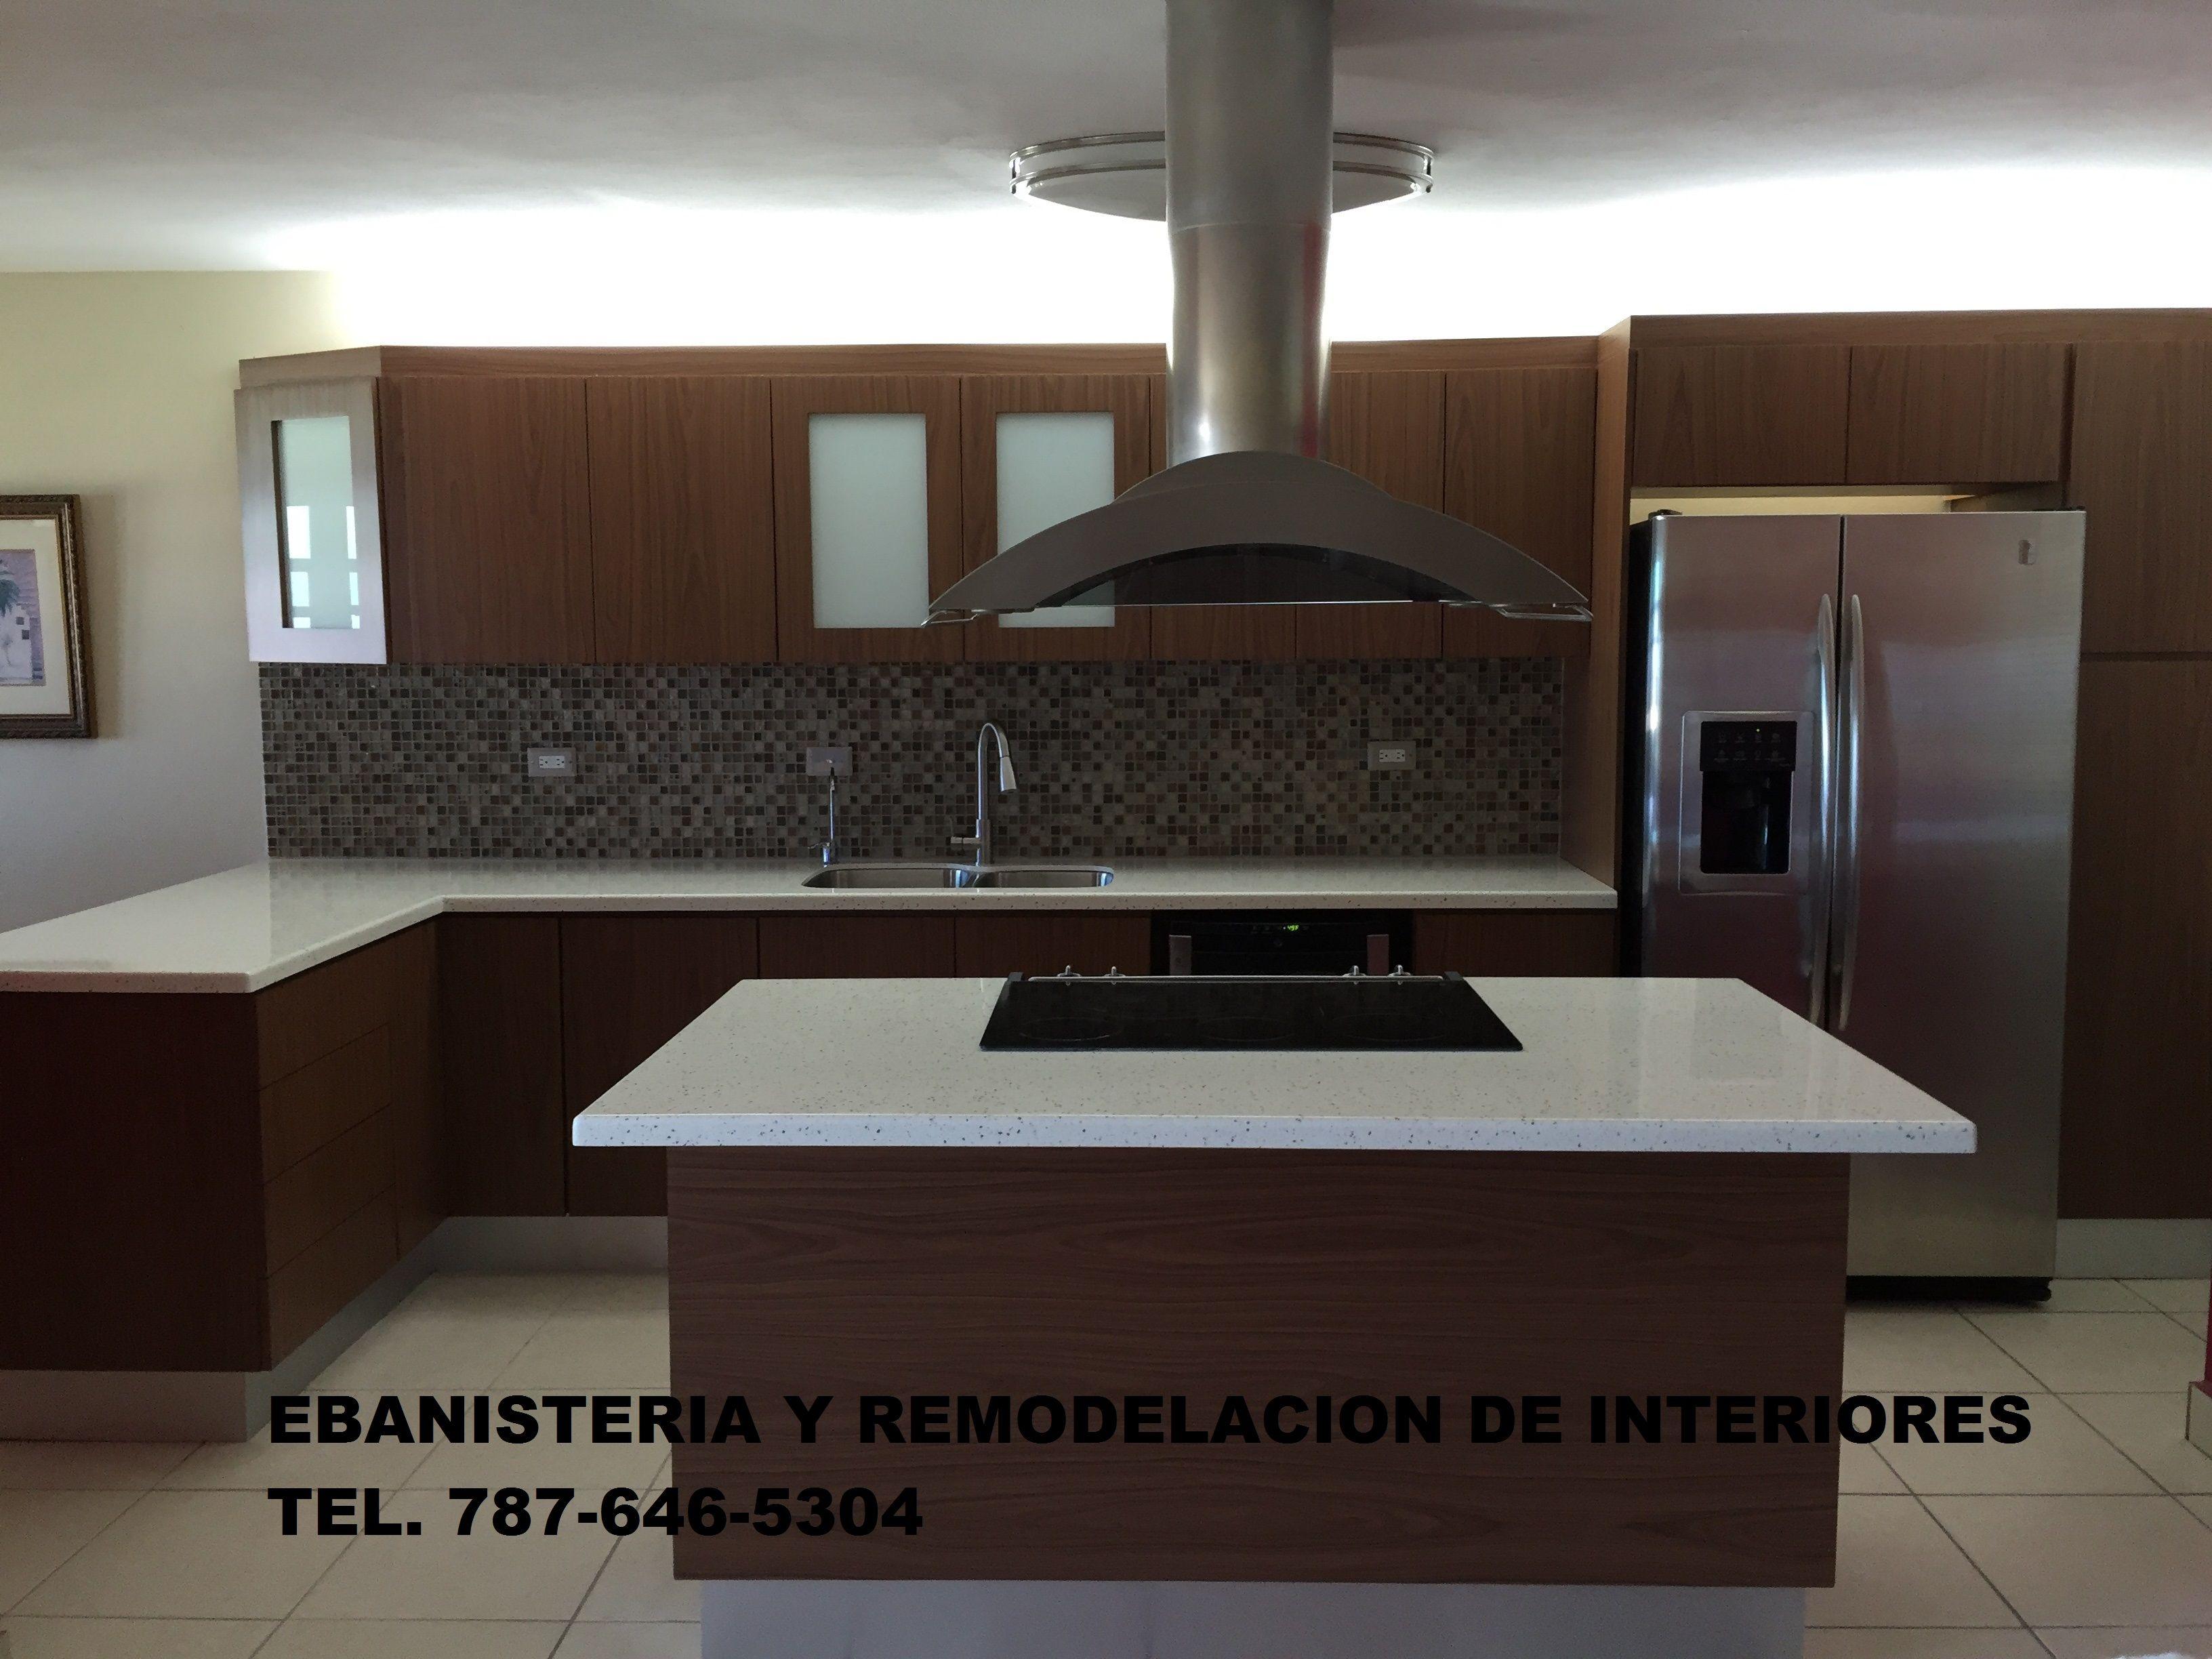 Contratista registrado daco gabinetes de cocina y ba os a for Gabinetes para bano en madera